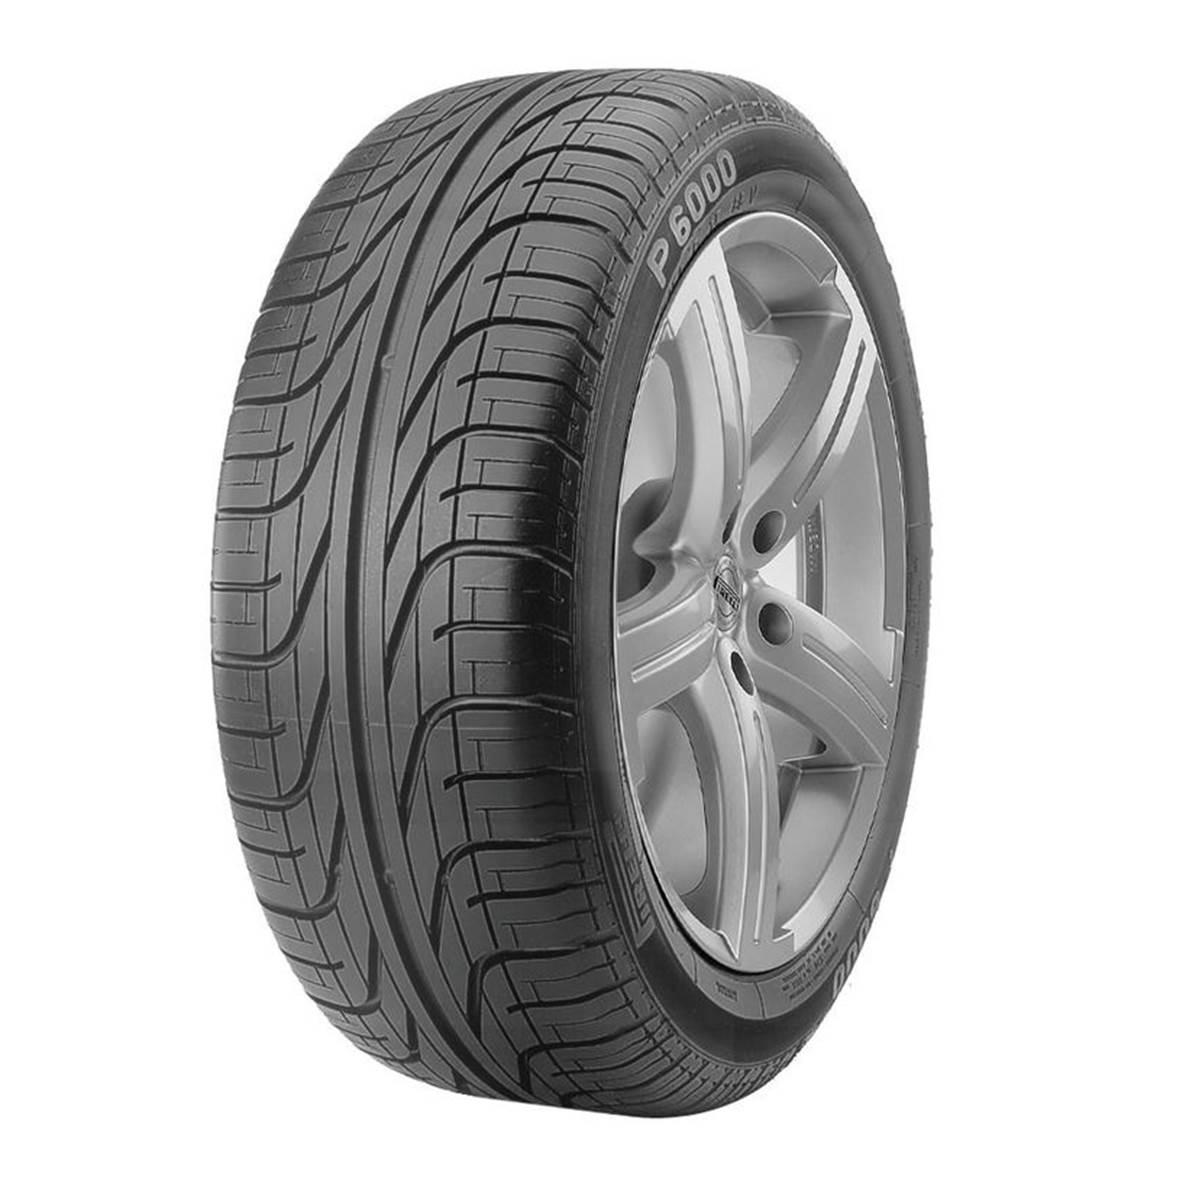 pneu pirelli p6000 moins cher sur pneu pas cher. Black Bedroom Furniture Sets. Home Design Ideas